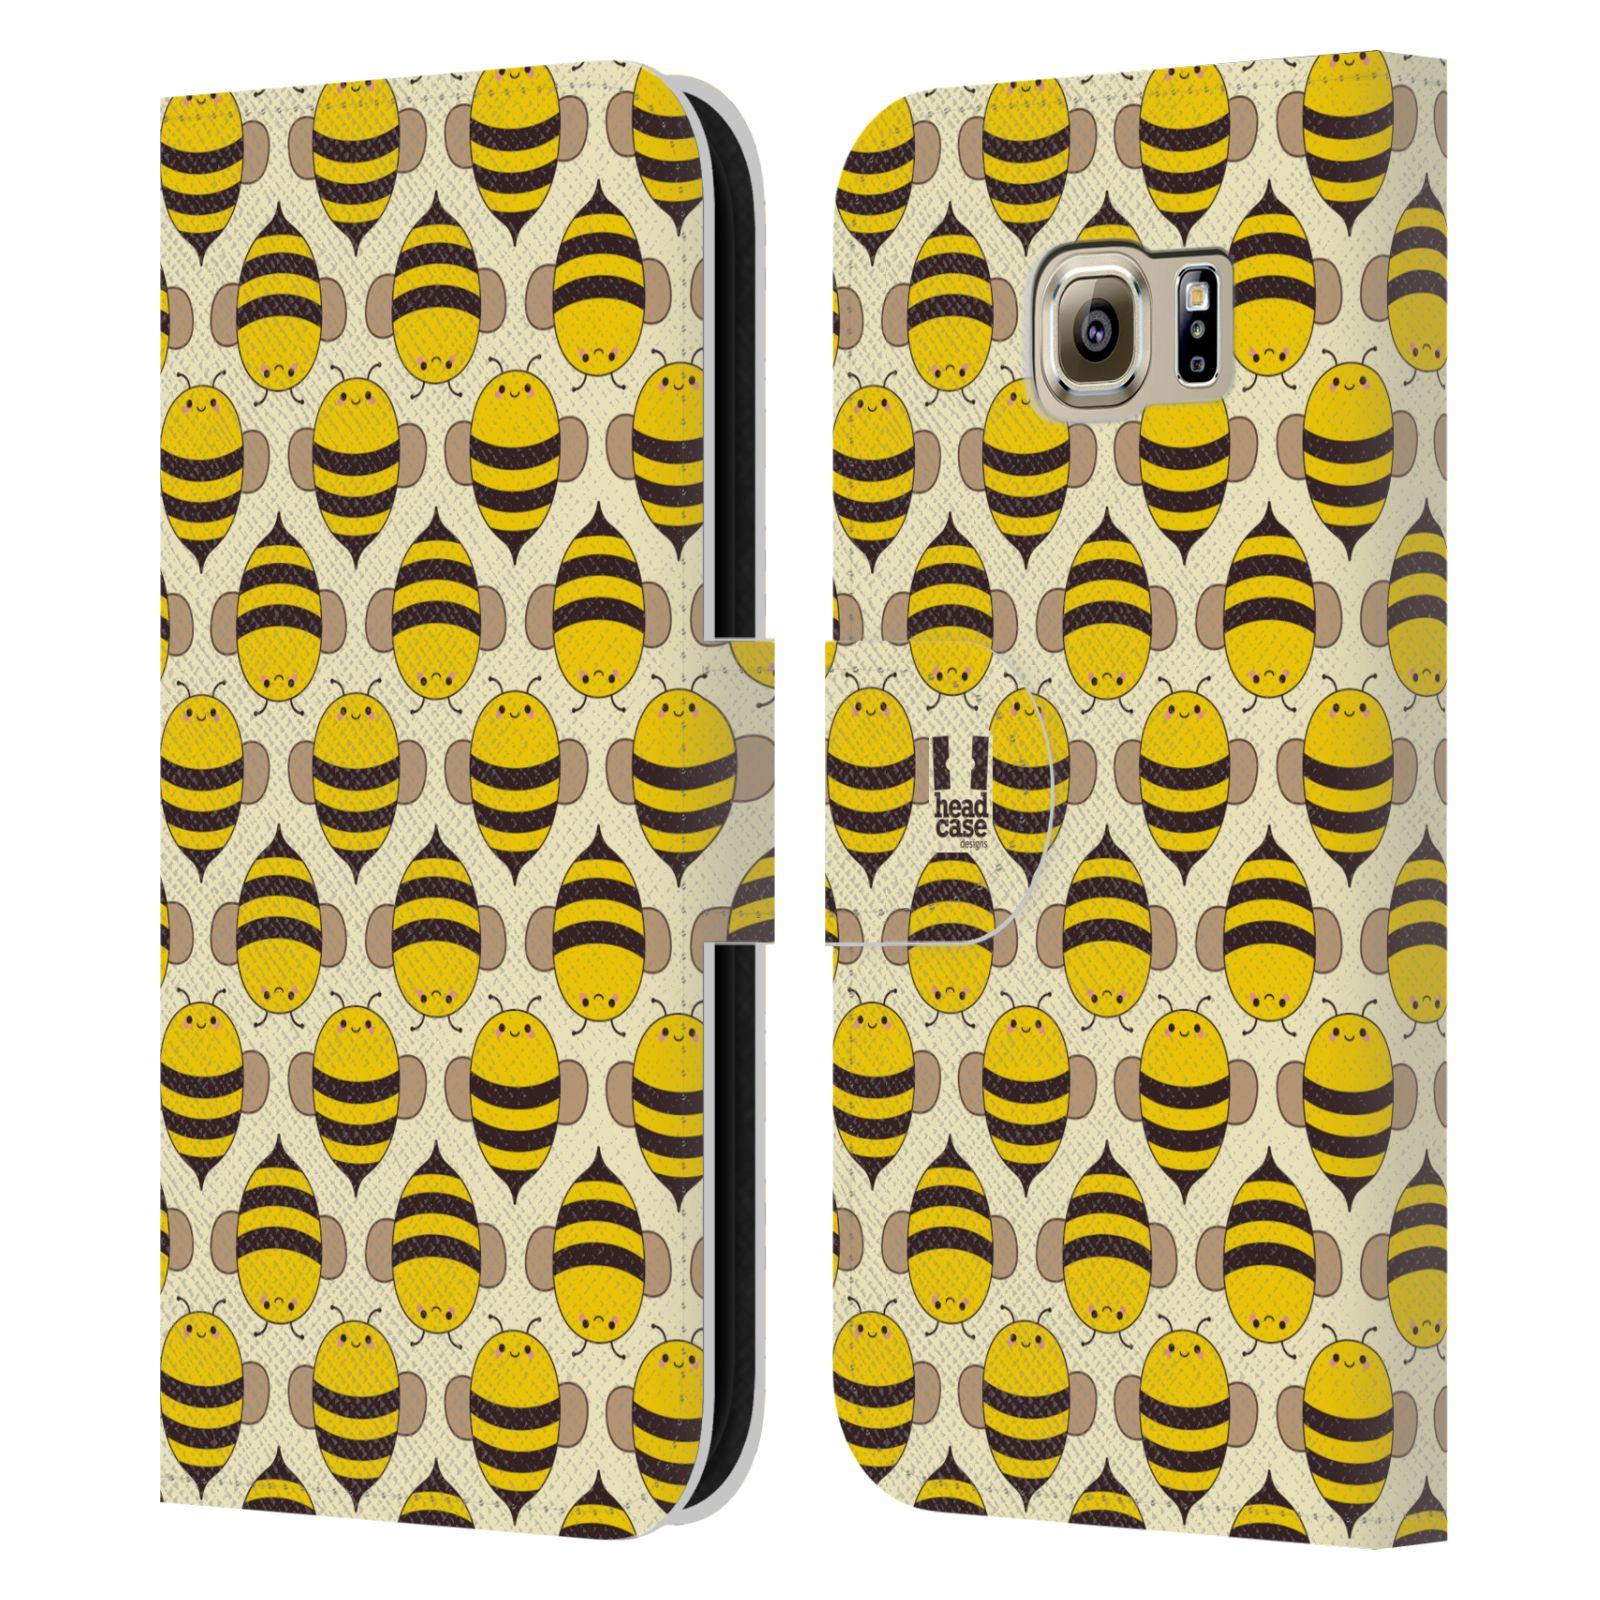 HEAD CASE Flipové pouzdro pro mobil Samsung Galaxy S6 (G9200) VČELÍ VZOR kolonie včelek